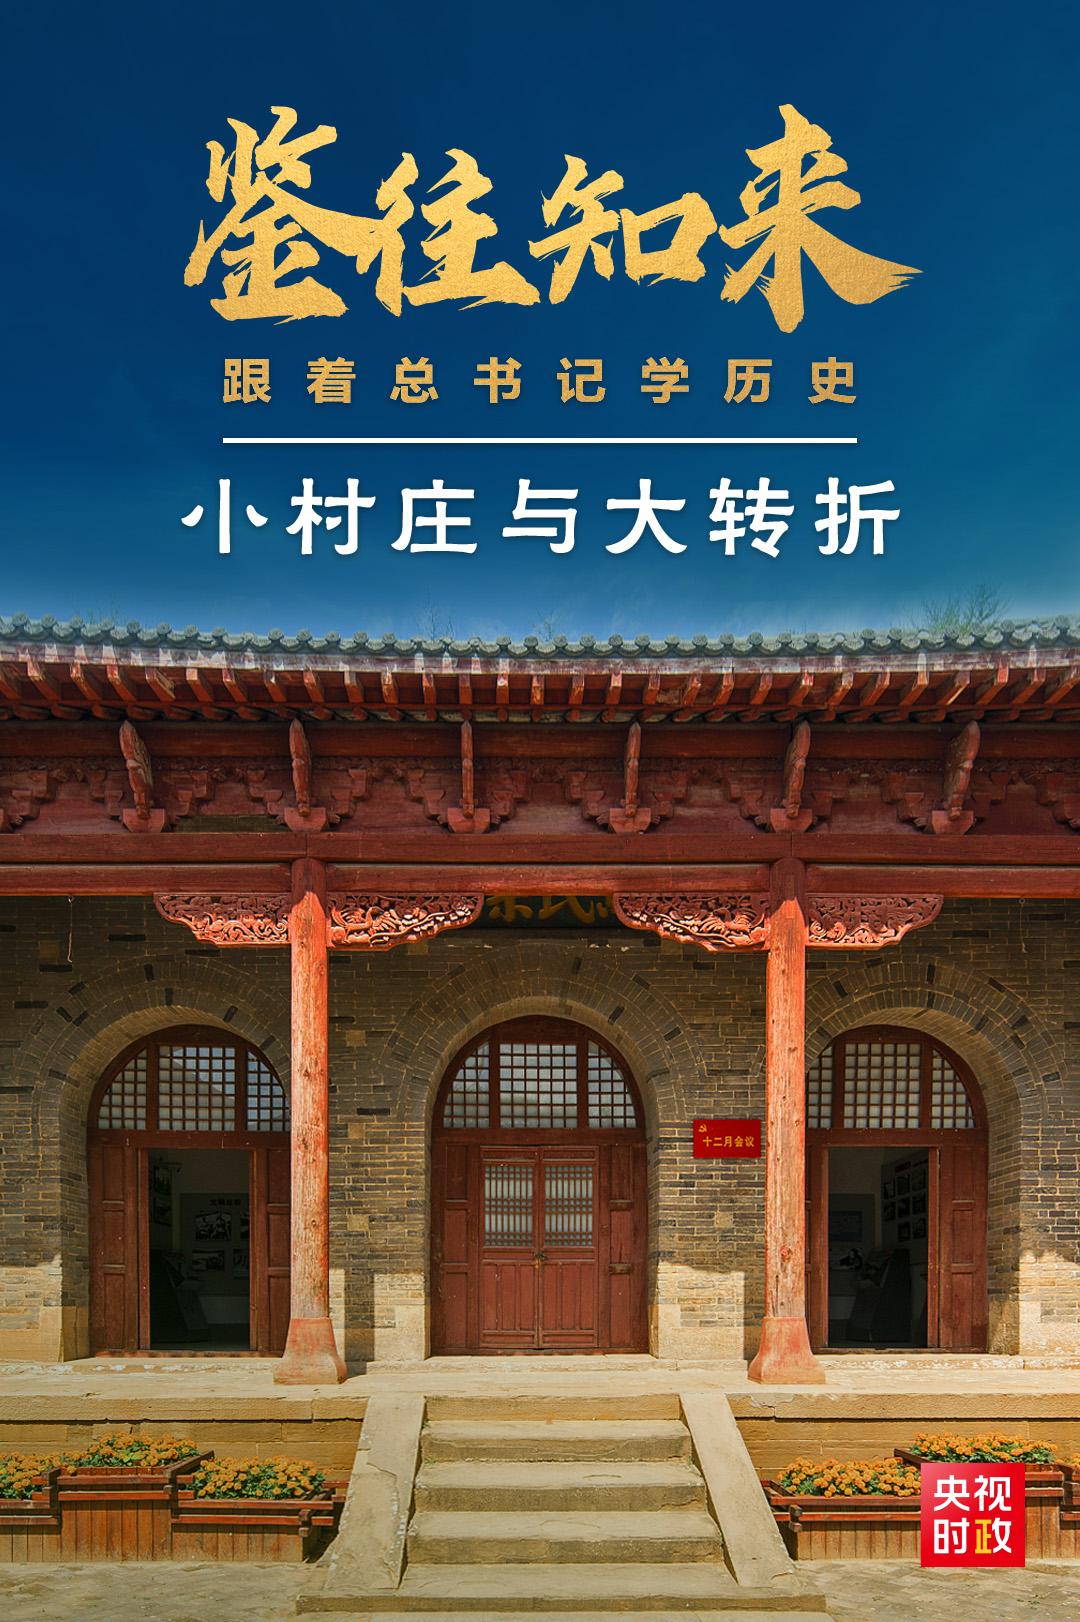 鉴往知来丨跟着总书记学历史:陕北小村庄见证历史大转折